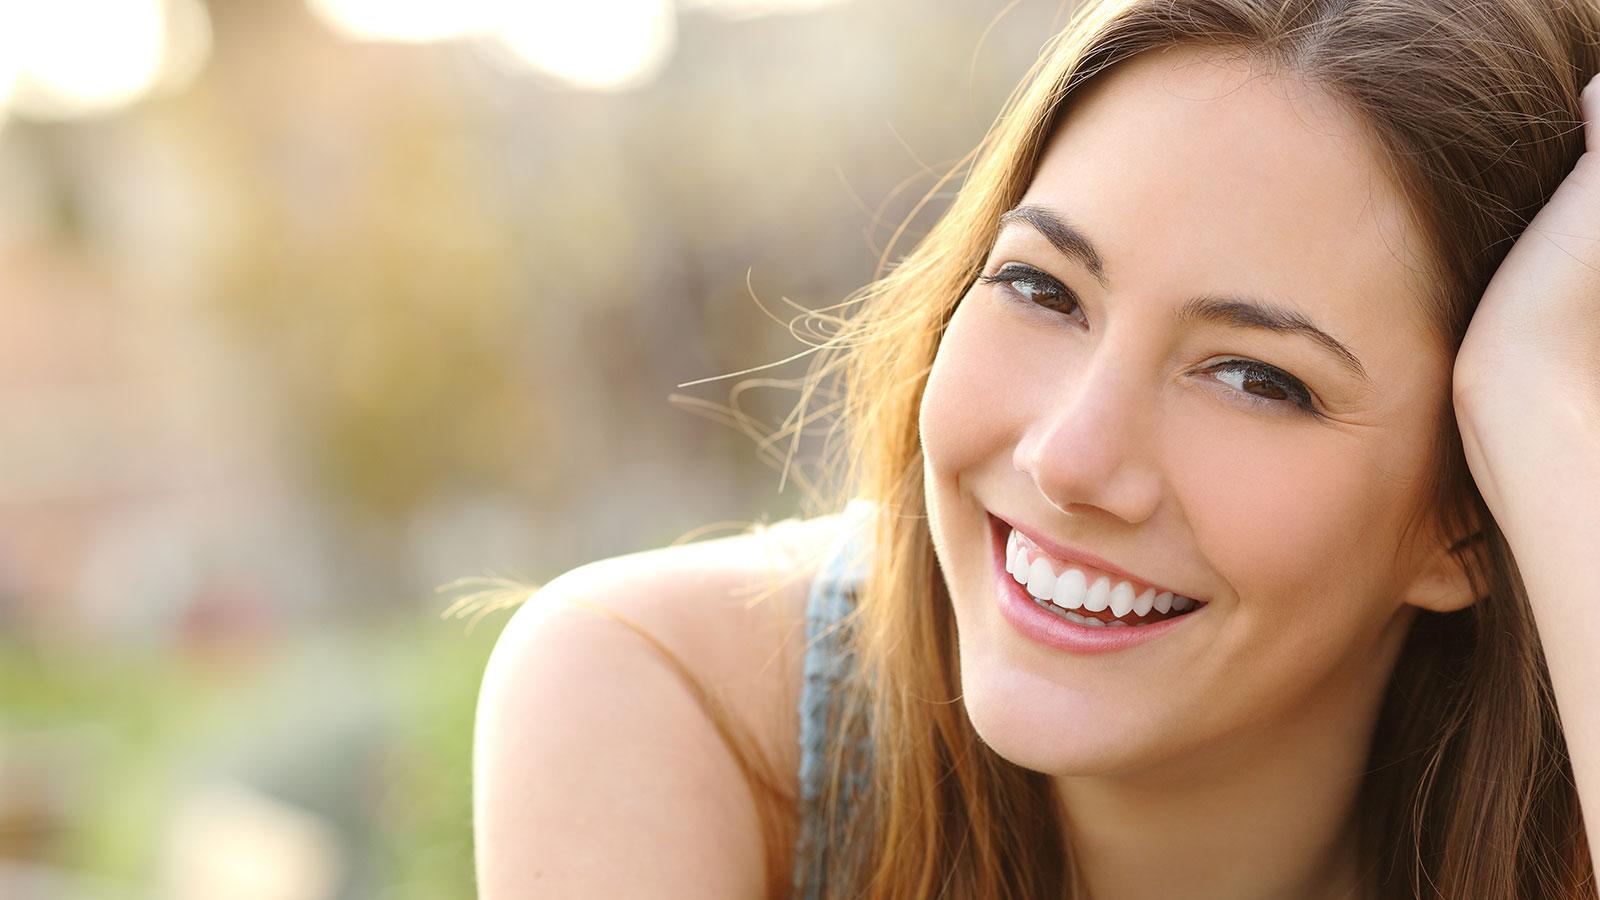 una donna con capelli castano scuro che sorride